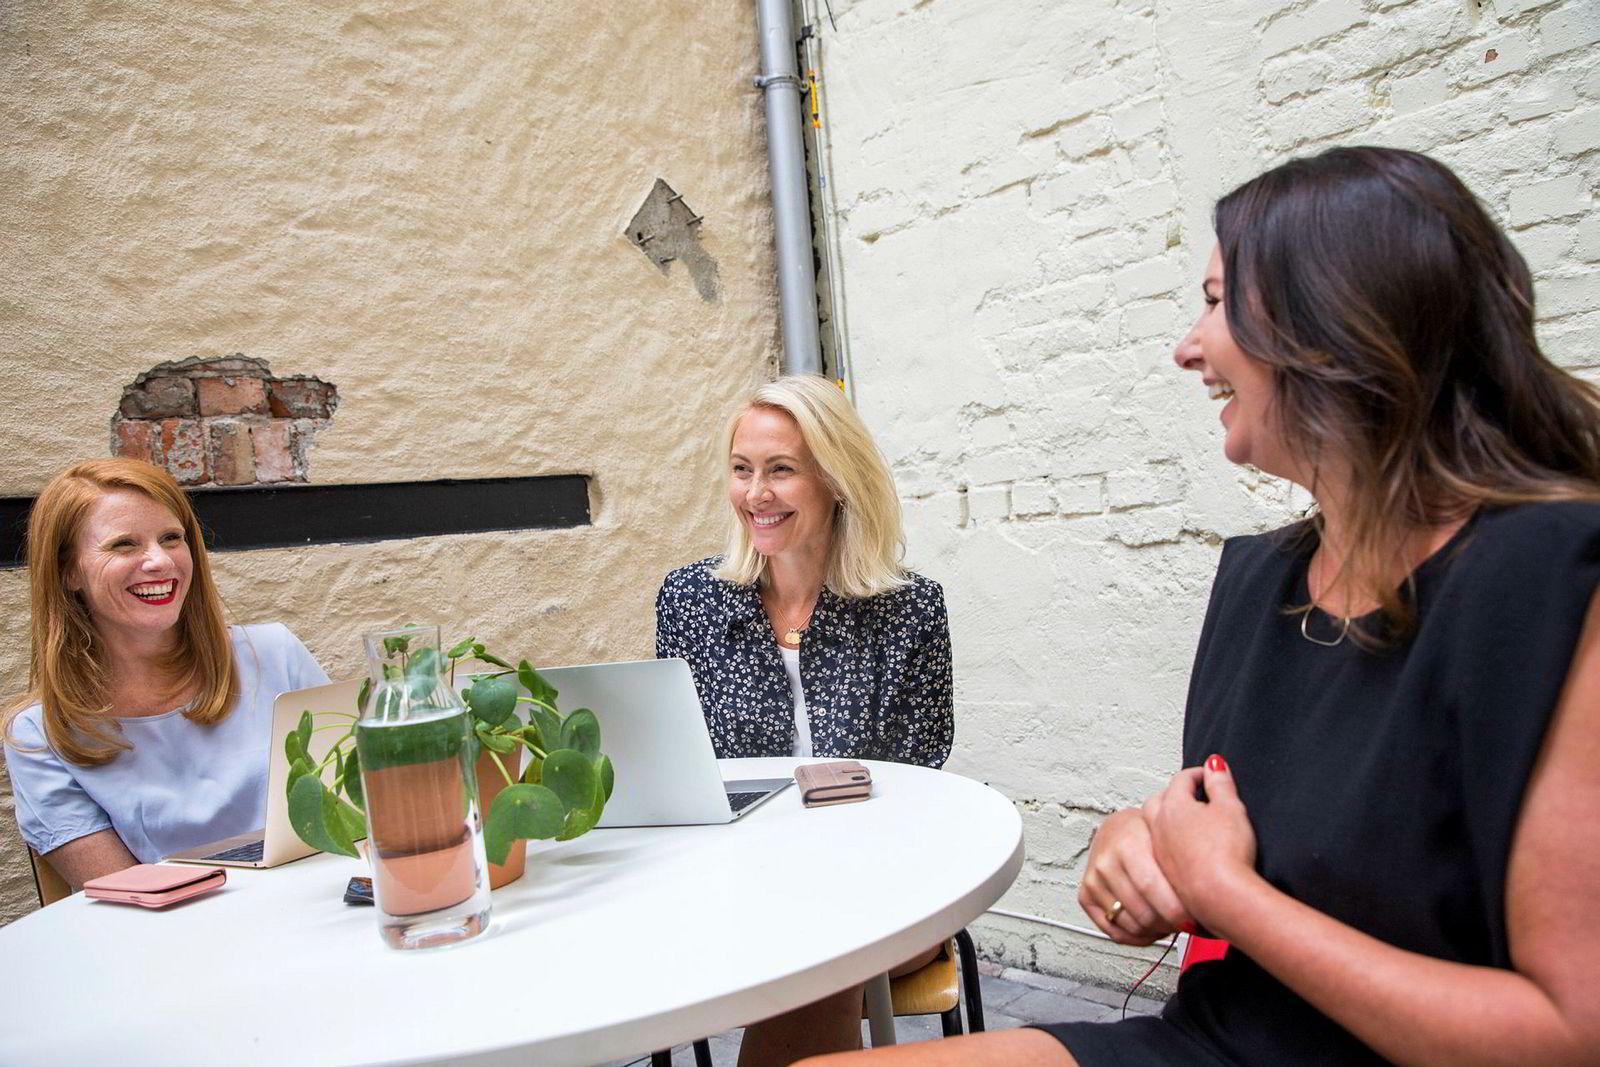 Fra venstre ny daglig leder Susanne Kaluza, styreleder Camilla Hagen Sørli og gründer av She, Heidi Aven.